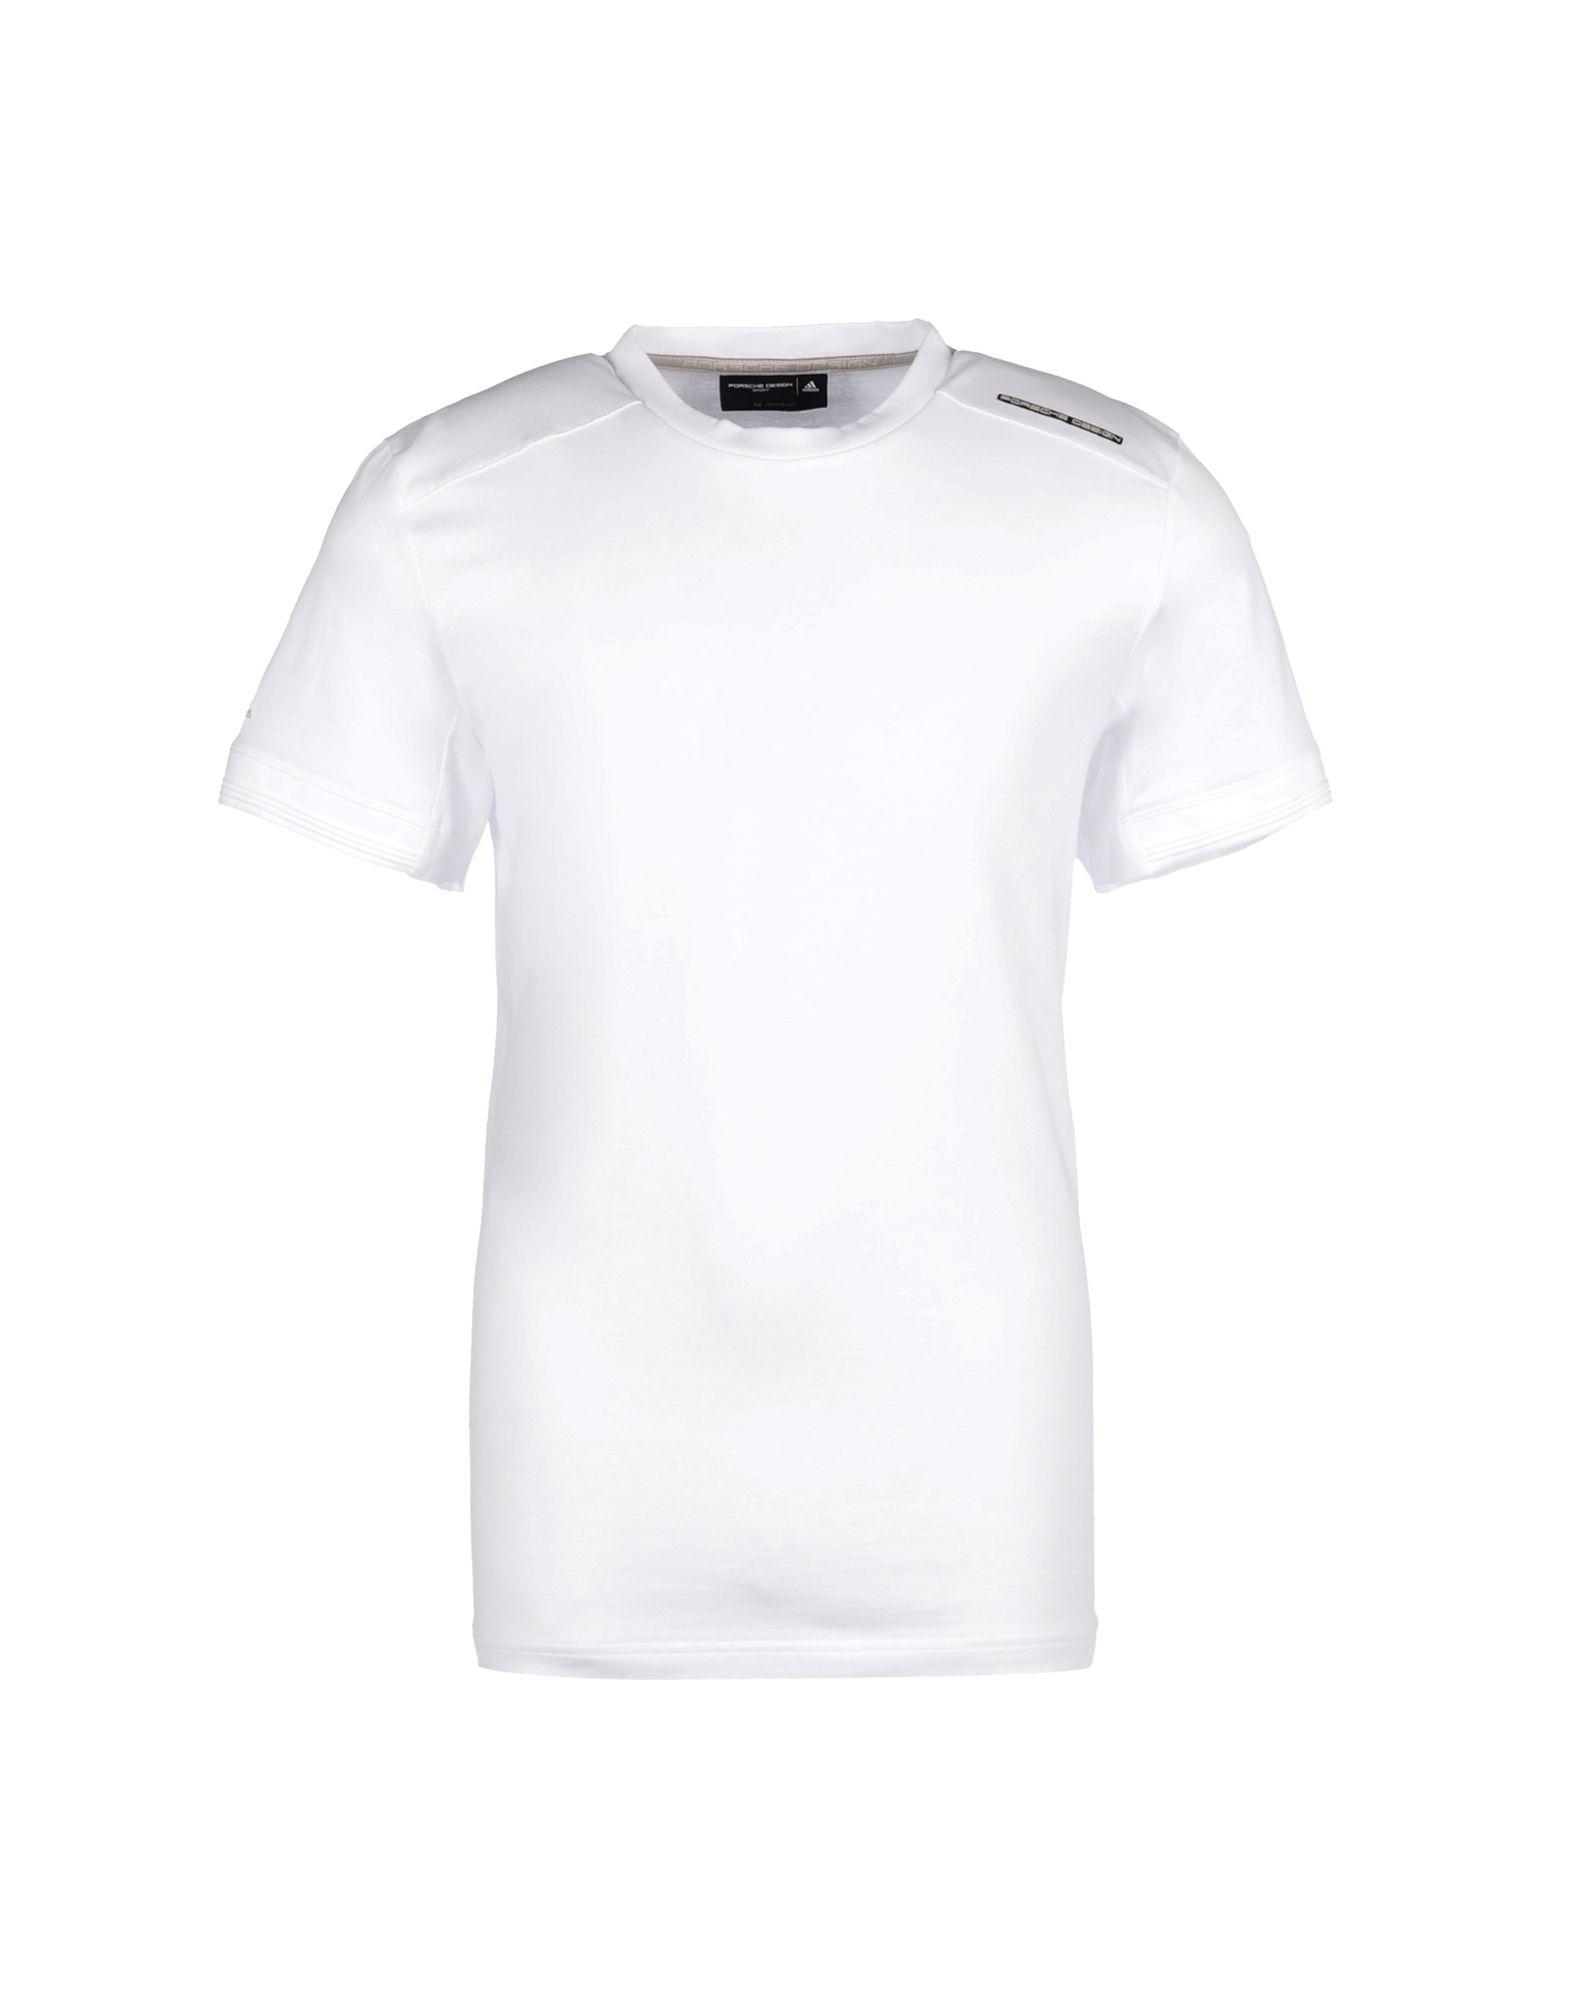 Lyst - Porsche Design T-shirt in White for Men